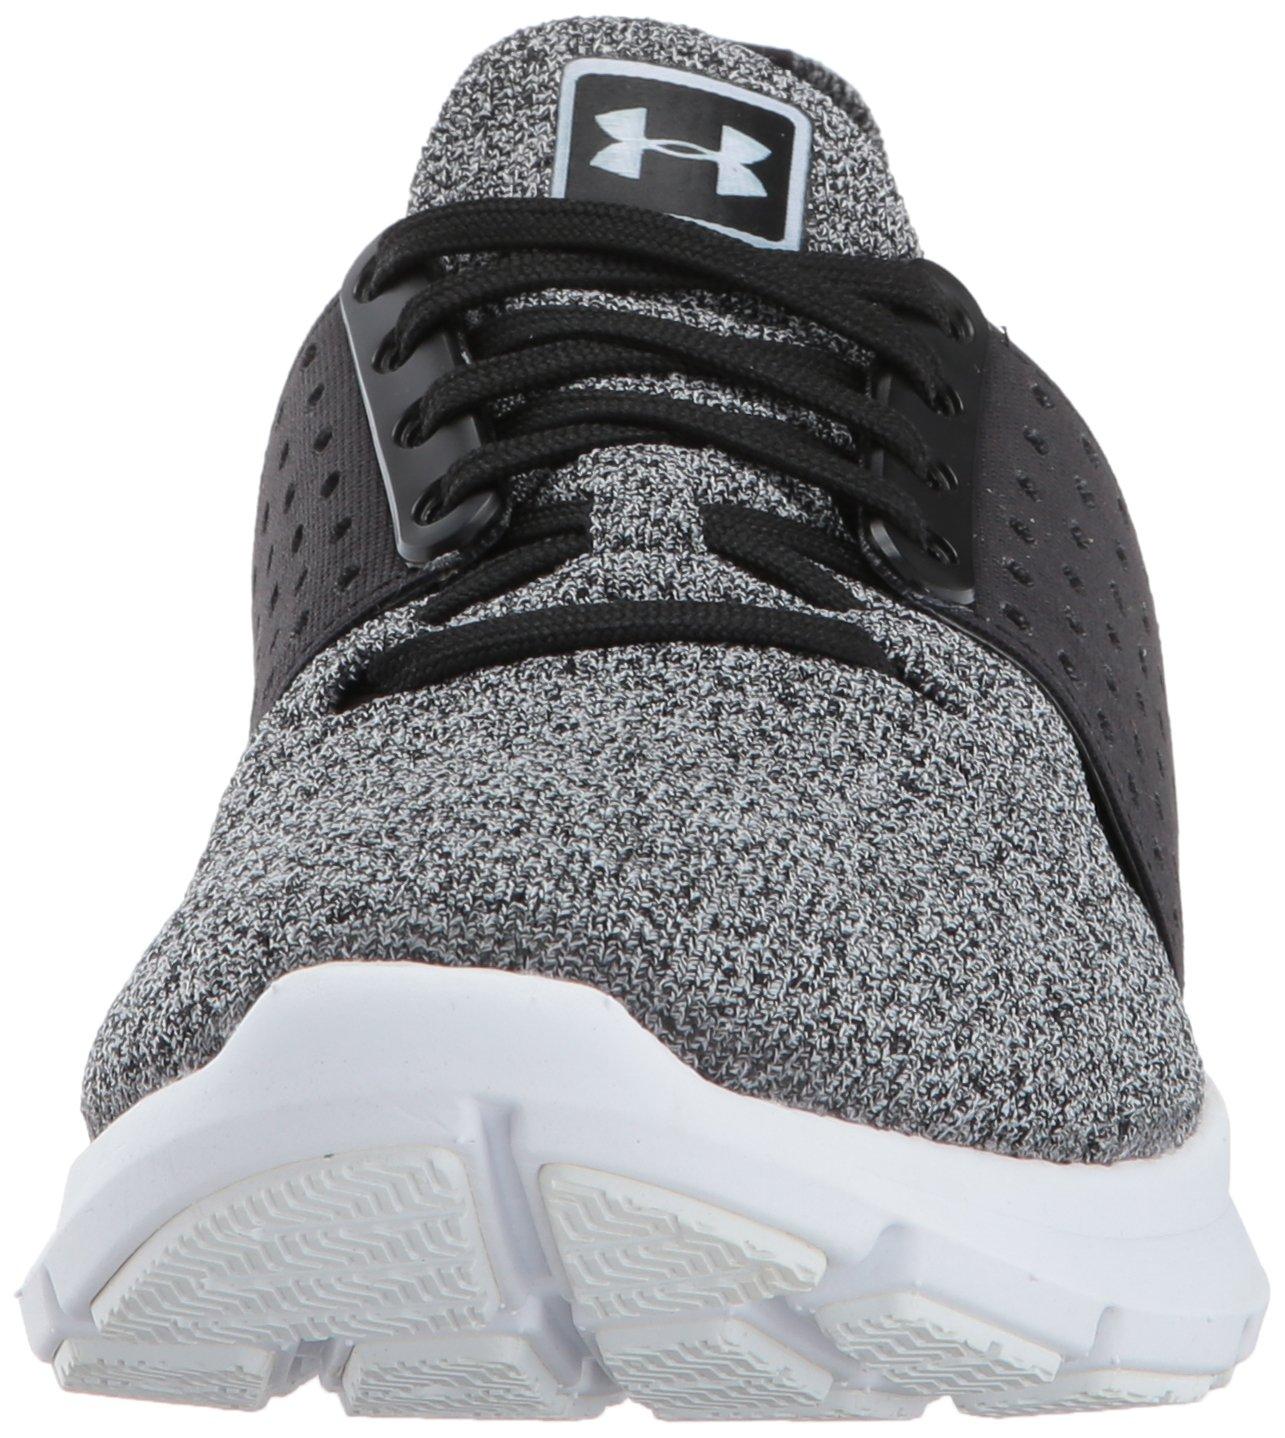 Under Armour Women's Speedform 6.5 Slingwrap Running Shoe B01MRVSI90 6.5 Speedform M US|Black (002)/White c42447